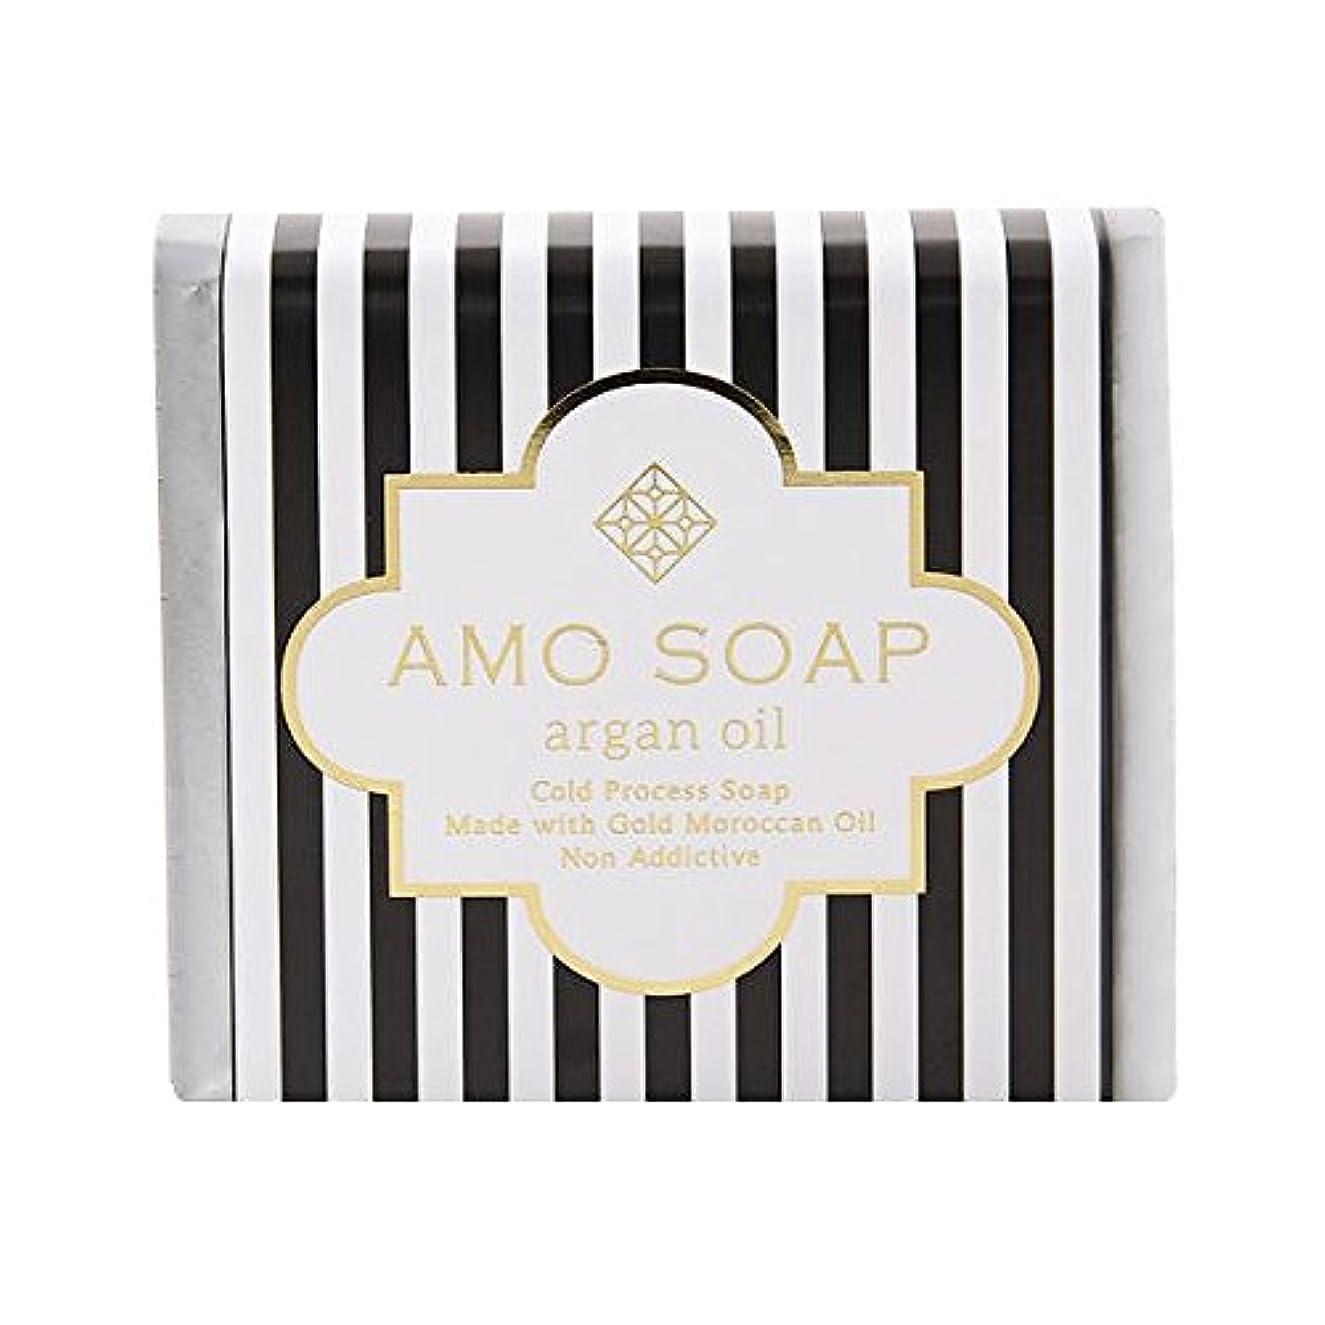 疎外喪親愛なAMO SOAP(アモソープ) 洗顔せっけんアルガンオイル配合 1個 コールドプロセス製法 日本製 エイジングケア オリーブオイル シアバター